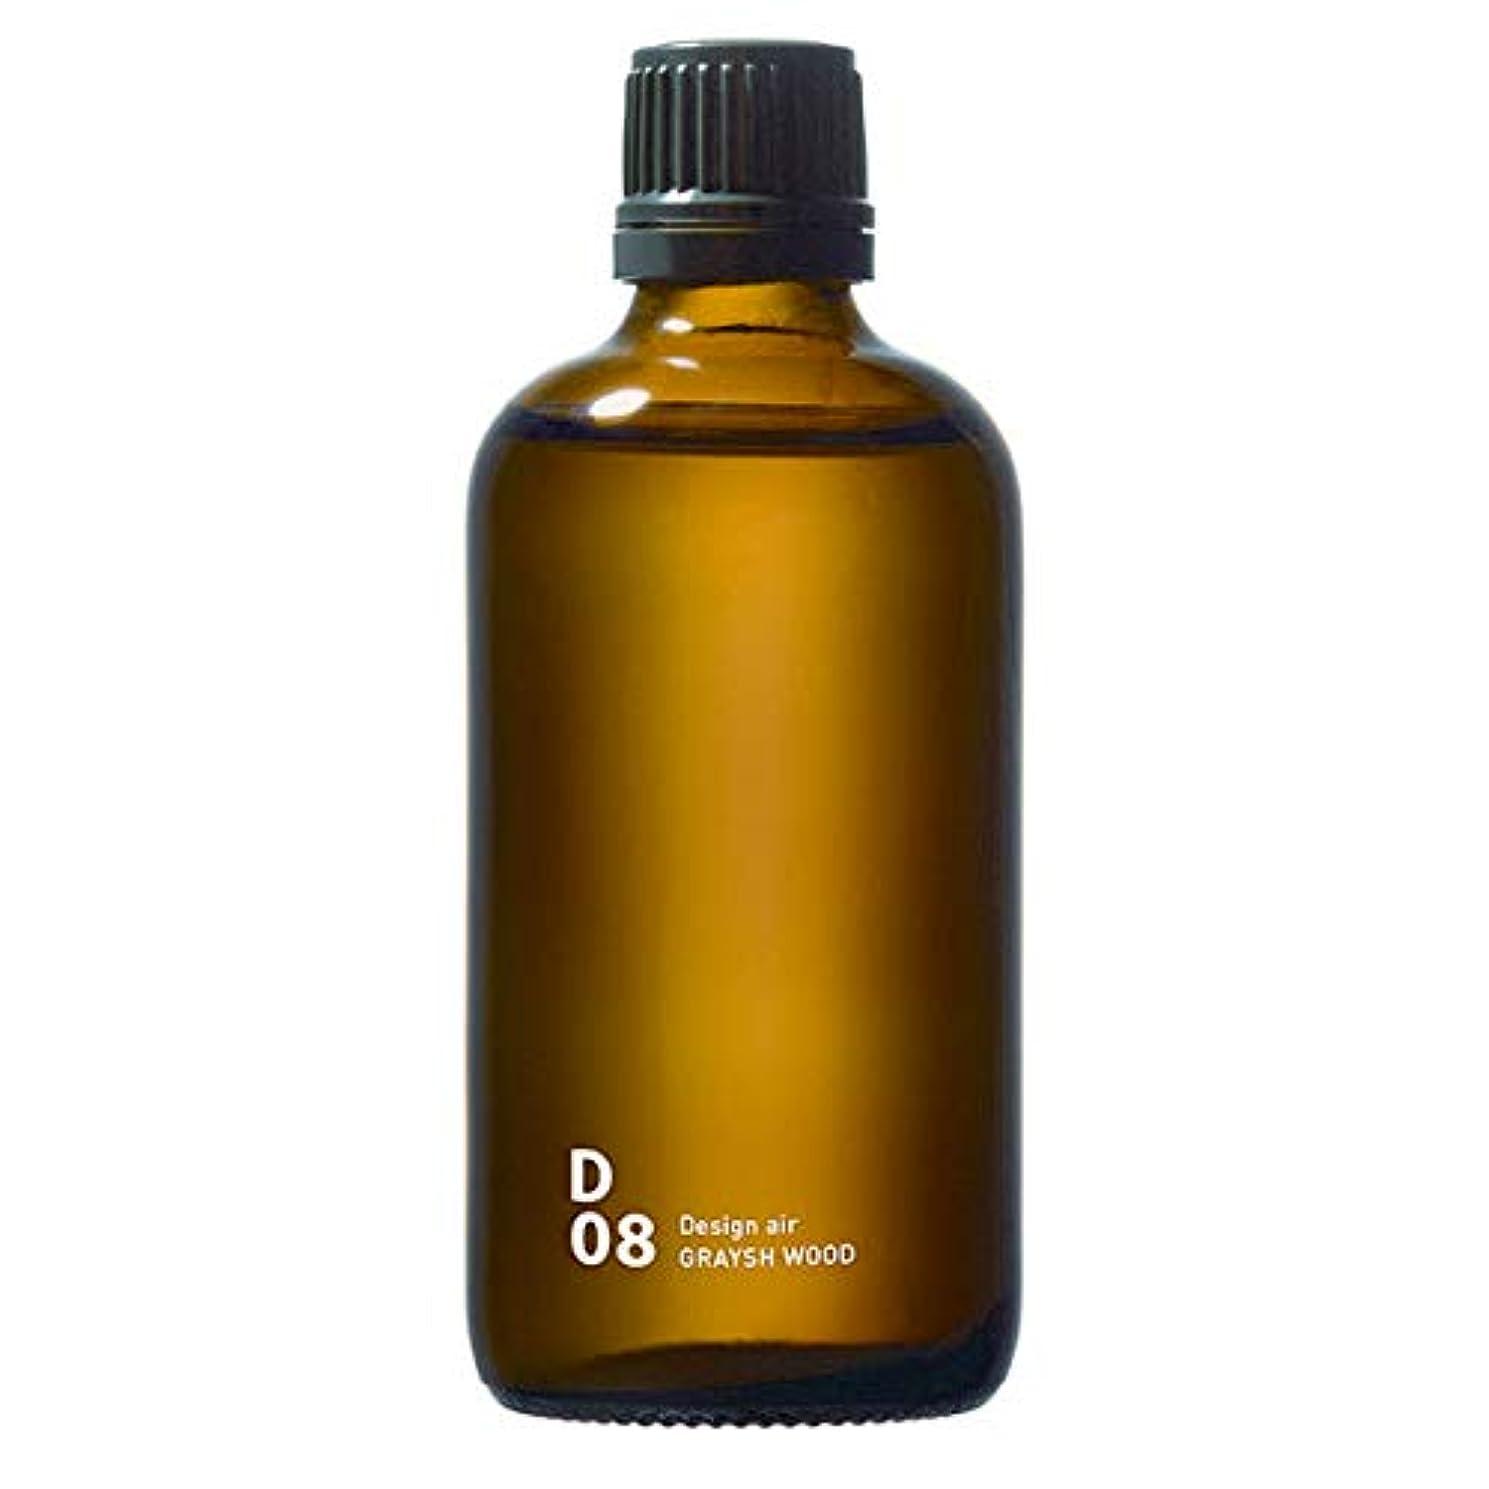 熟達トロピカル留まるD08 GRAYISH WOOD piezo aroma oil 100ml